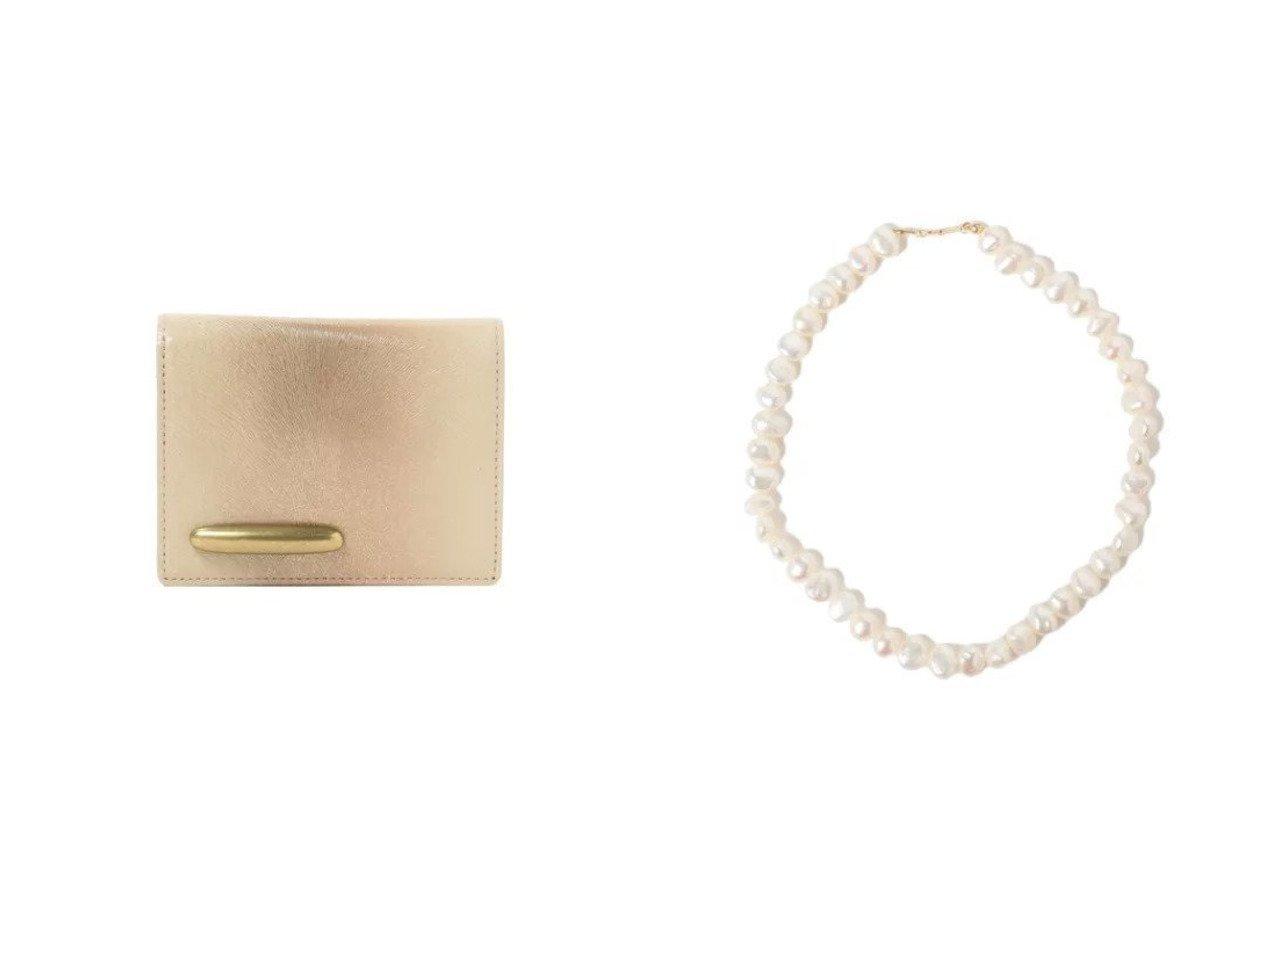 【Demi-Luxe BEAMS/デミルクス ビームス】のDimple.03 パールネックレス&TOFF& メタリックミンク 二折財布 おすすめ!人気、トレンド・レディースファッションの通販 おすすめで人気の流行・トレンド、ファッションの通販商品 インテリア・家具・メンズファッション・キッズファッション・レディースファッション・服の通販 founy(ファニー) https://founy.com/ ファッション Fashion レディースファッション WOMEN ジュエリー Jewelry ネックレス Necklaces 財布 Wallets アクセサリー ショート シンプル スポーツ デコルテ ネックレス パール フォーマル クラシック 財布 バランス ポケット モダン  ID:crp329100000062513